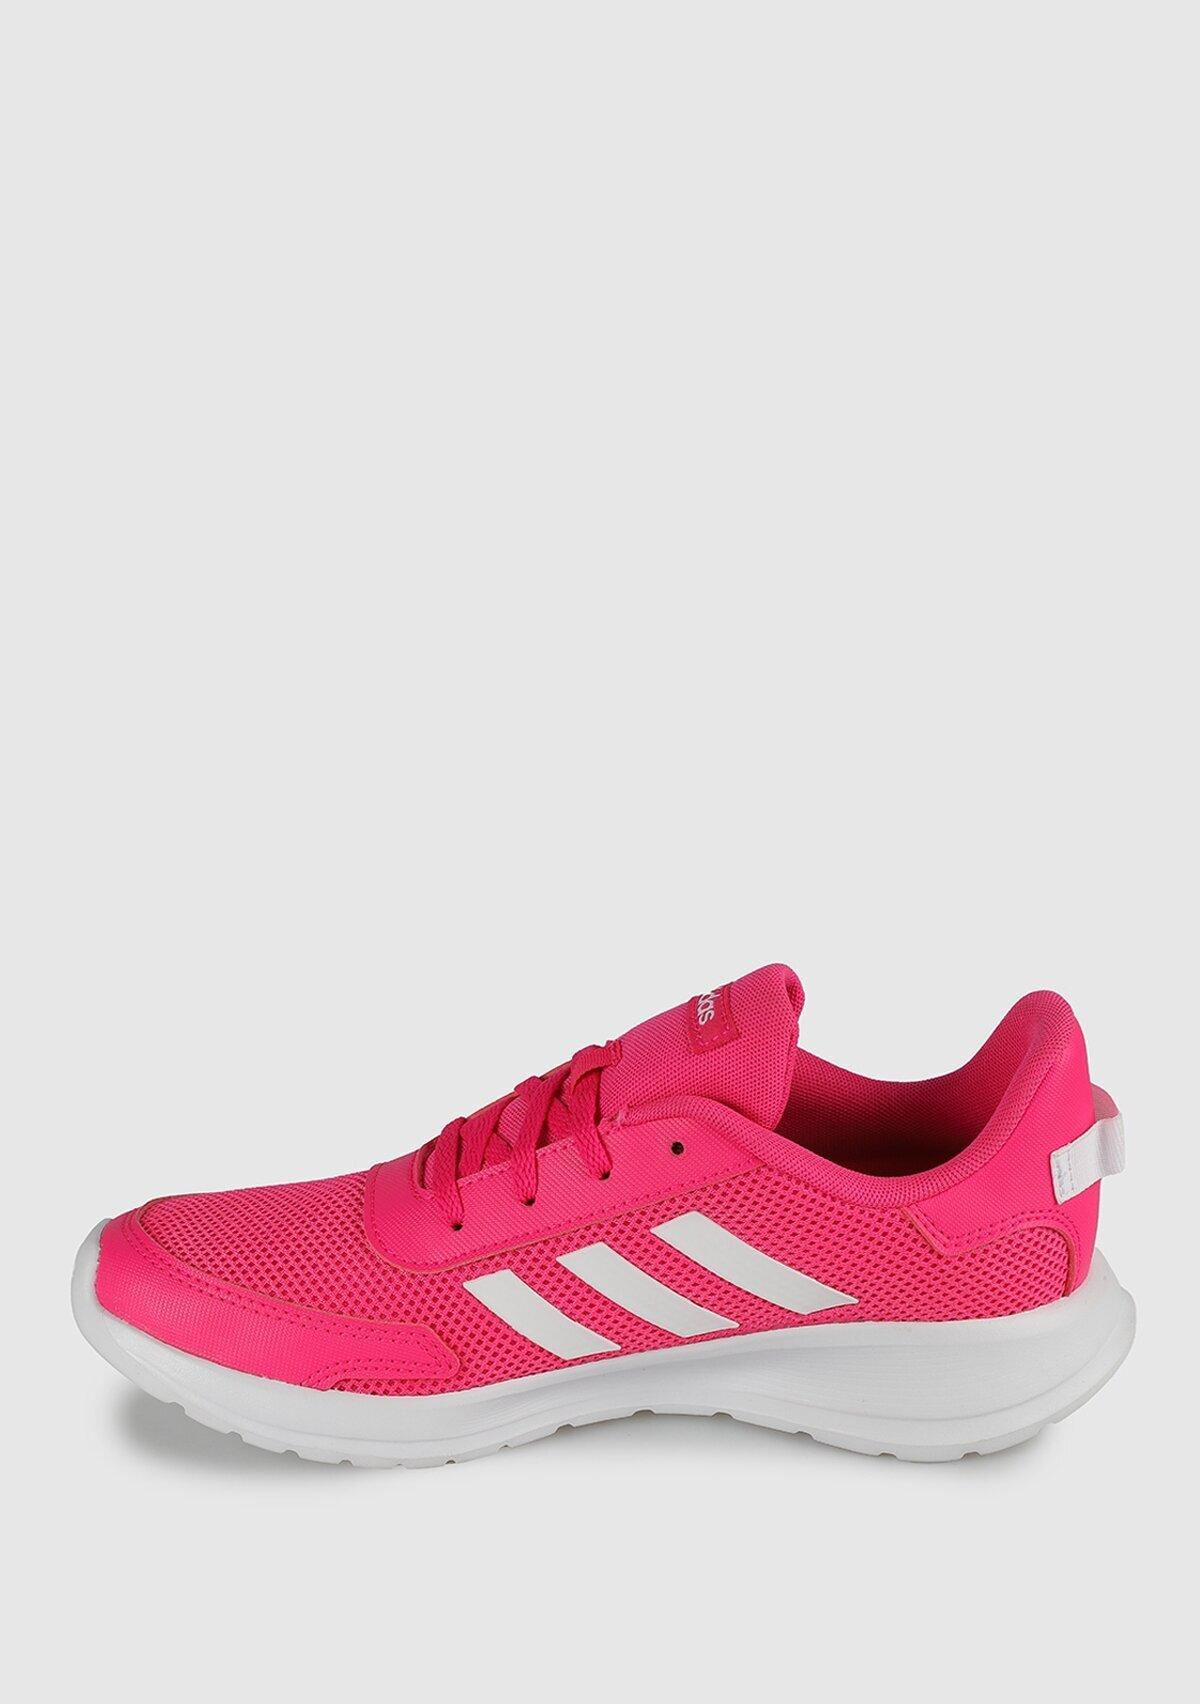 resm Tensaur Run K Pembe Unisex Koşu Ayakkabısı Eg4126